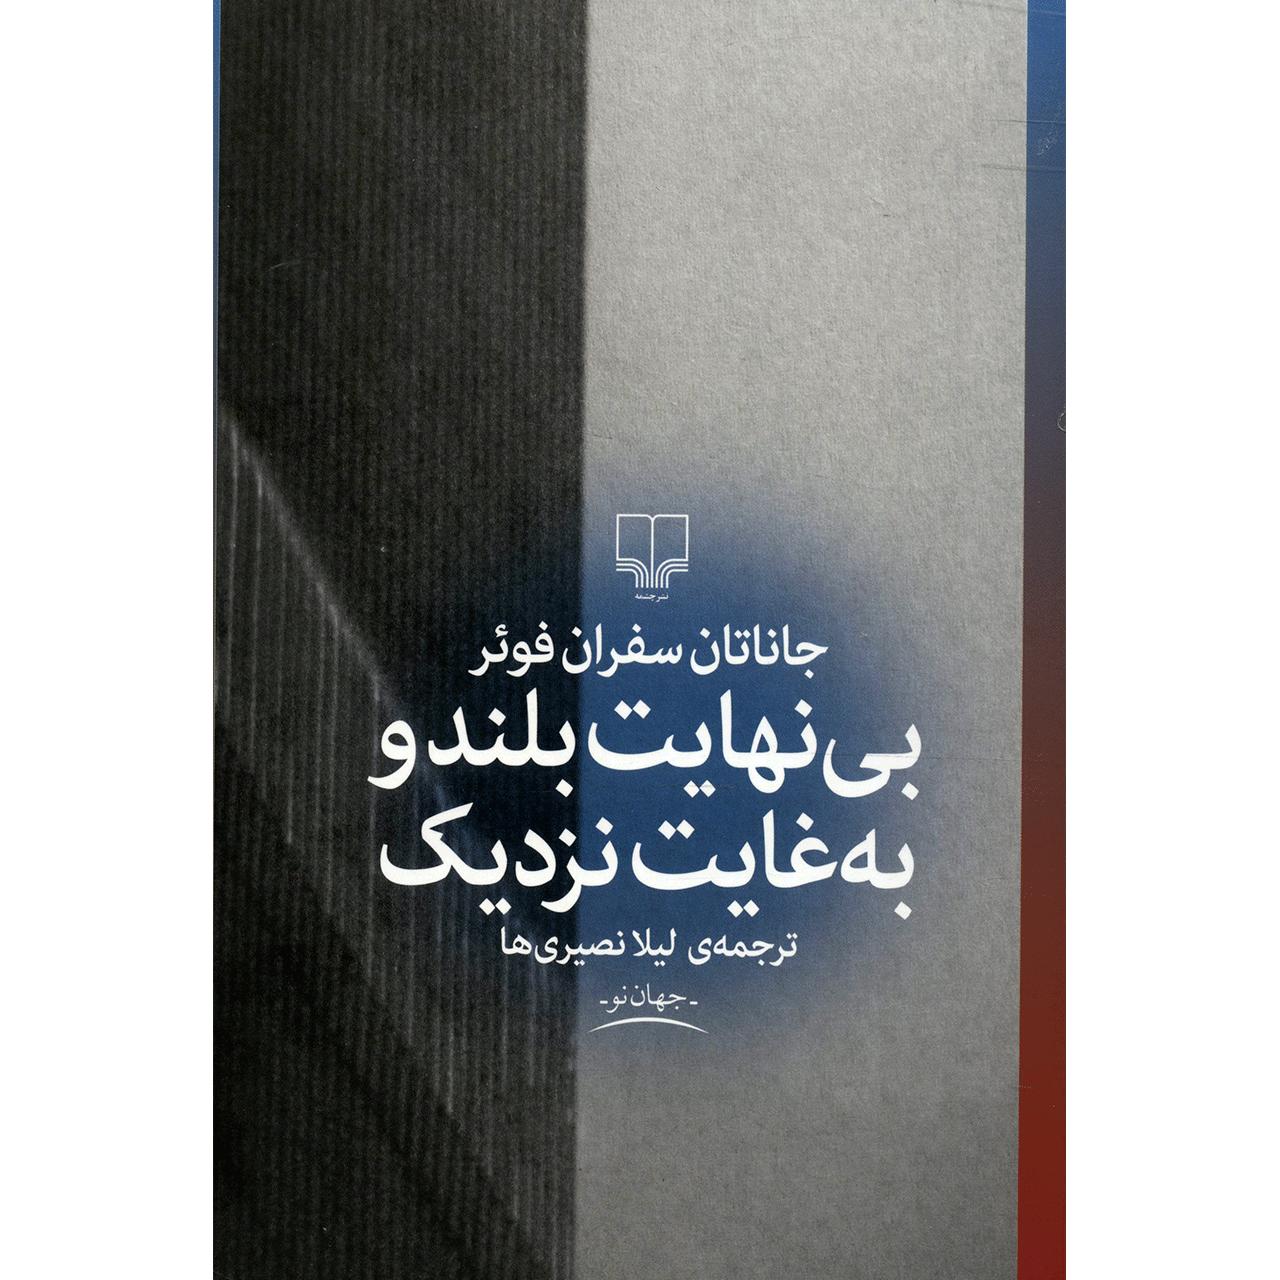 کتاب بی نهایت بلند و به غایت نزدیک اثر جاناتان سفران فوئر